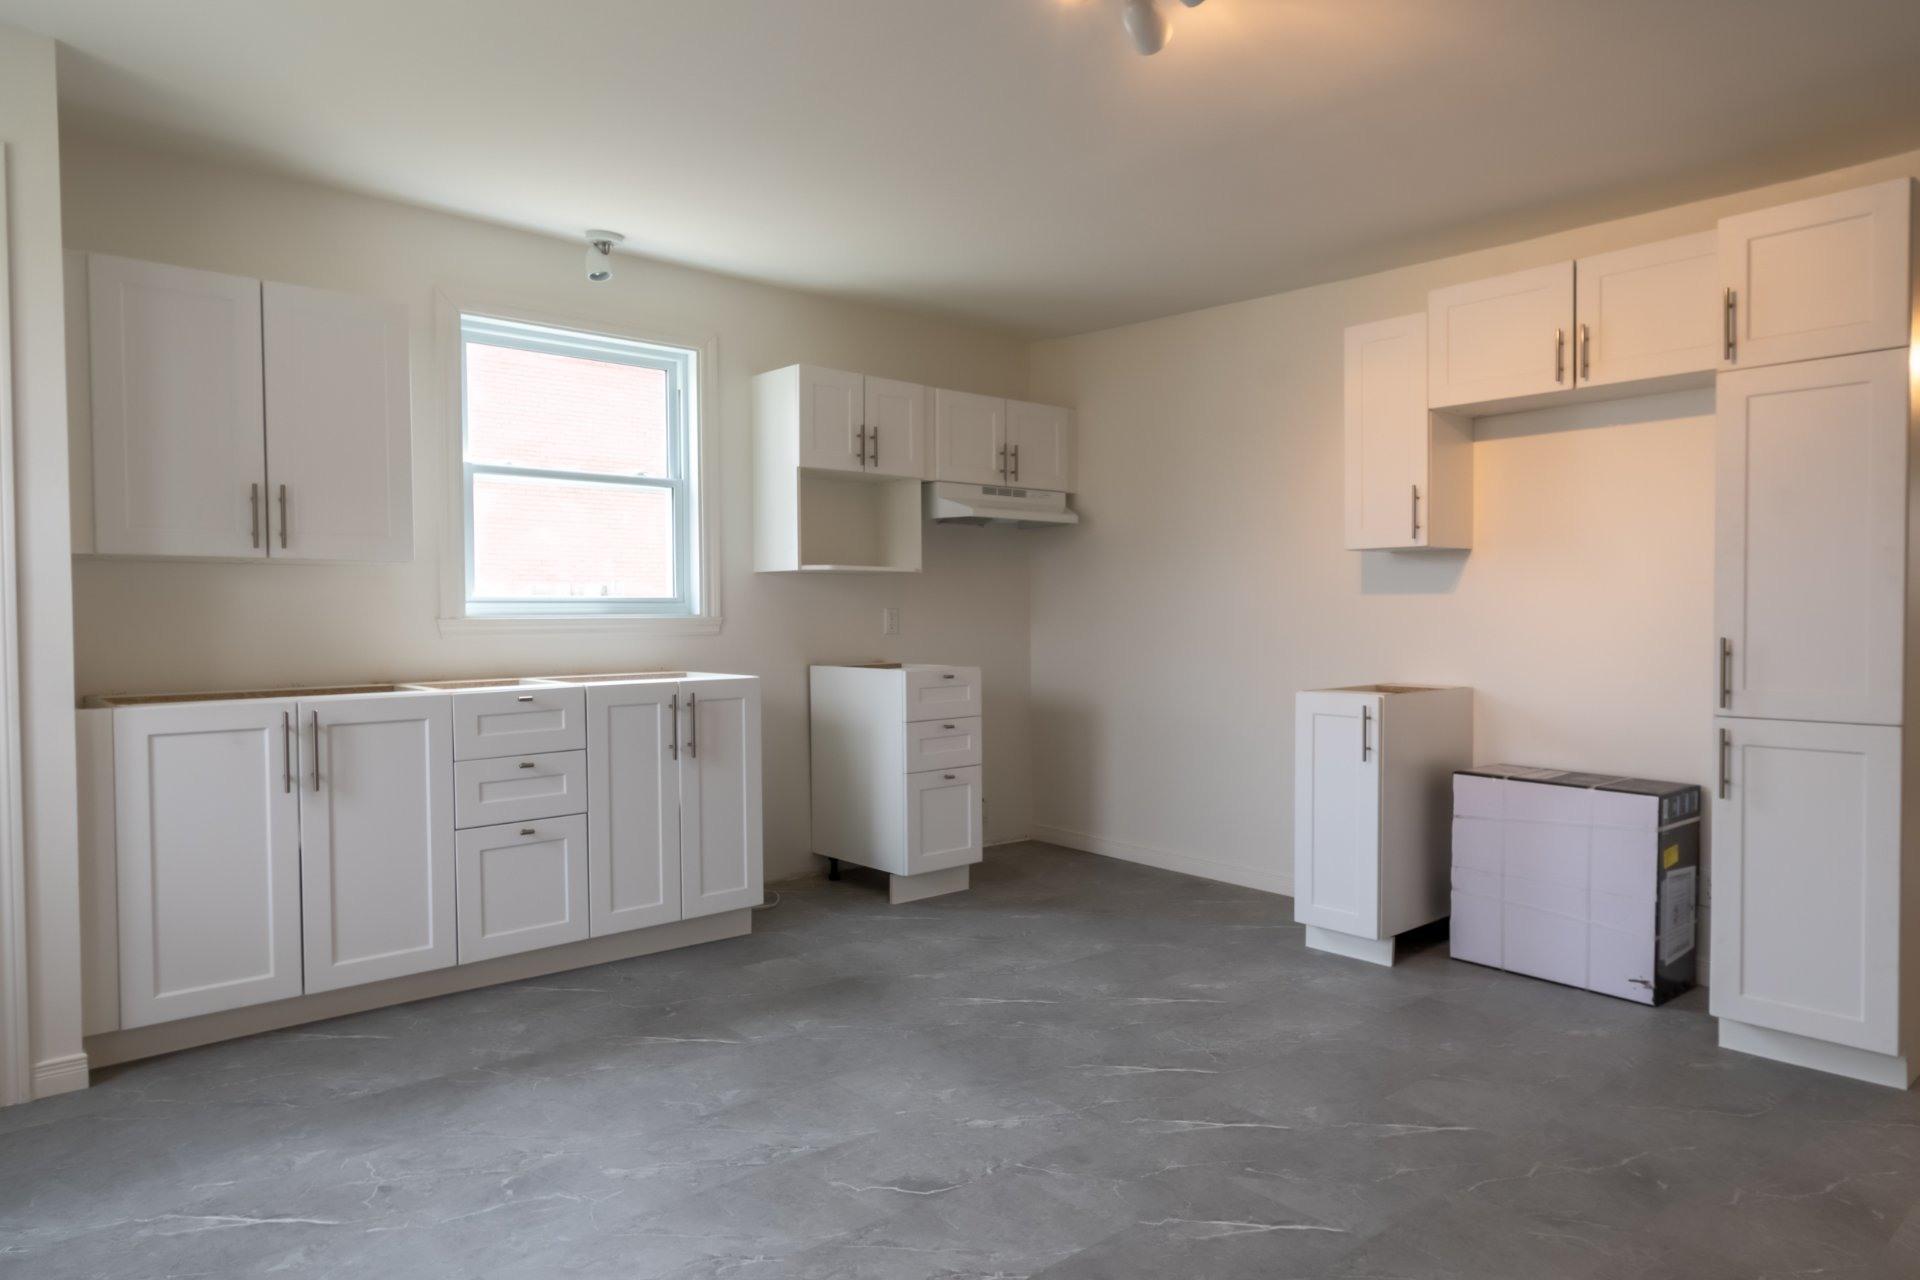 image 8 - Duplex For sale Trois-Rivières - 5 rooms